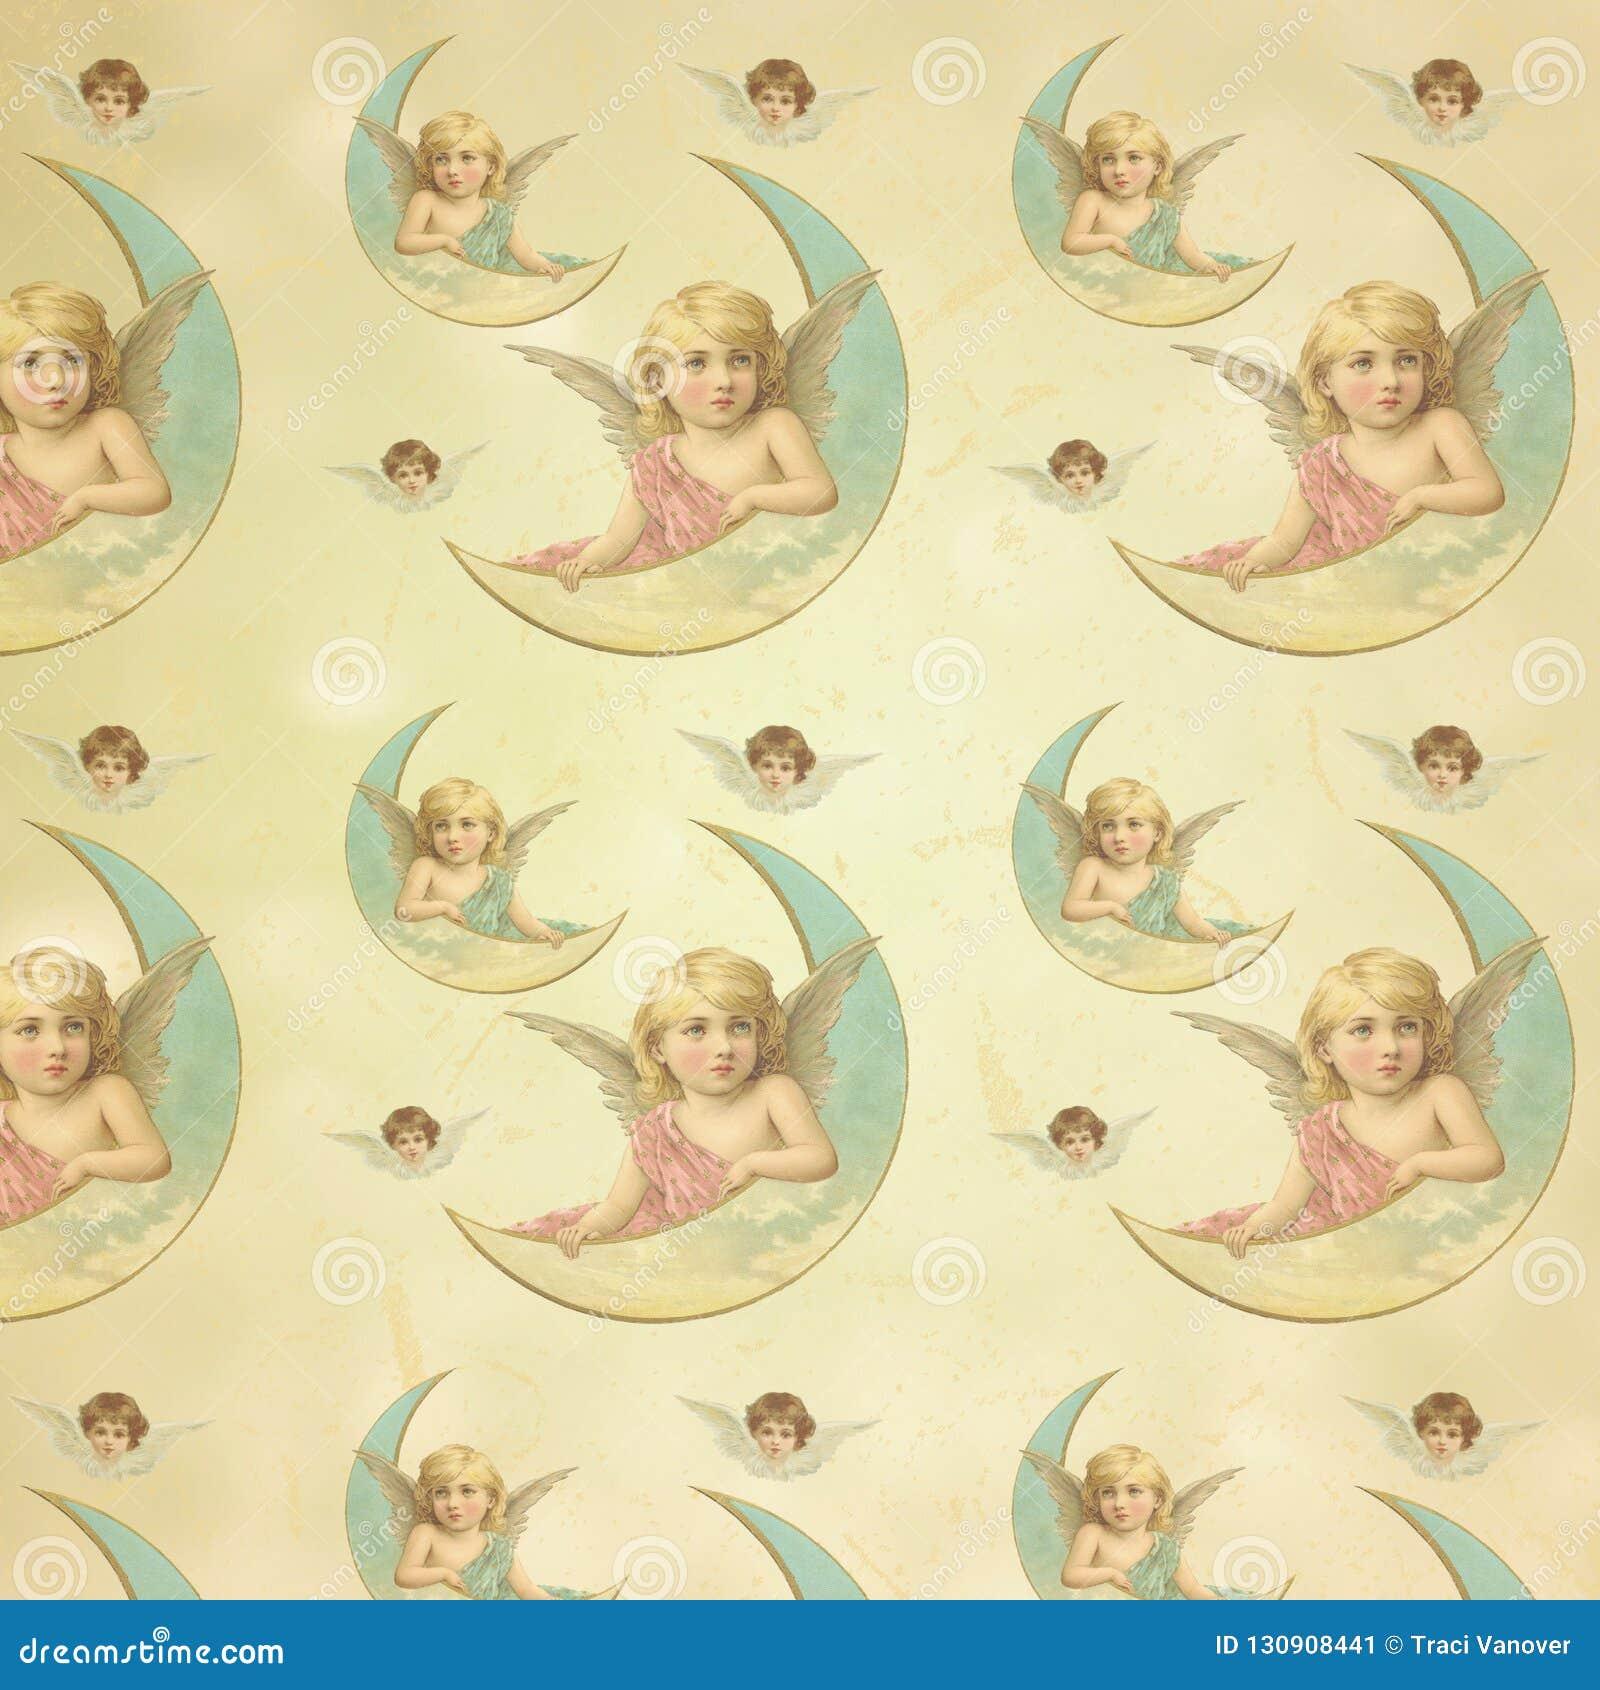 De uitstekende Victoriaanse Engelen - Pastelkleurengel - vormden Digitaal Document Als achtergrond - het Verpakken Document Ontwe